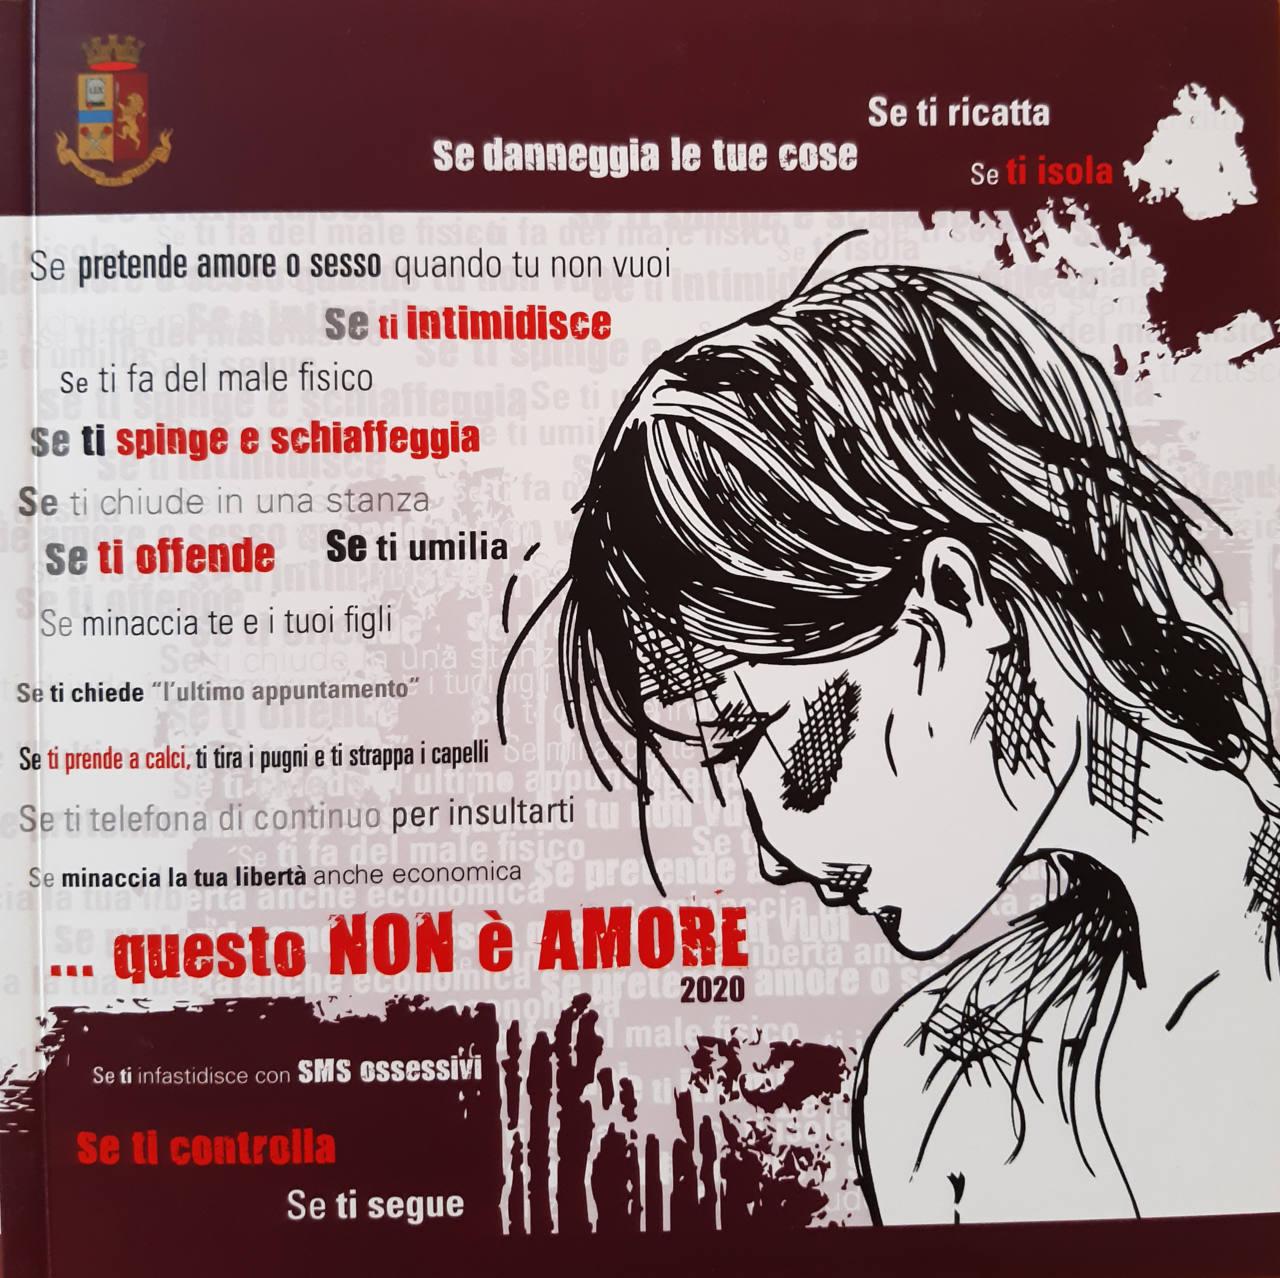 """È stato distribuito il nuovo opuscolo del progetto """"Questo non è amore"""", promosso dalla Polizia di Stato per aumentare la consapevolezza sulla gravità del fenomeno e fornire strumenti utili per le vittime"""